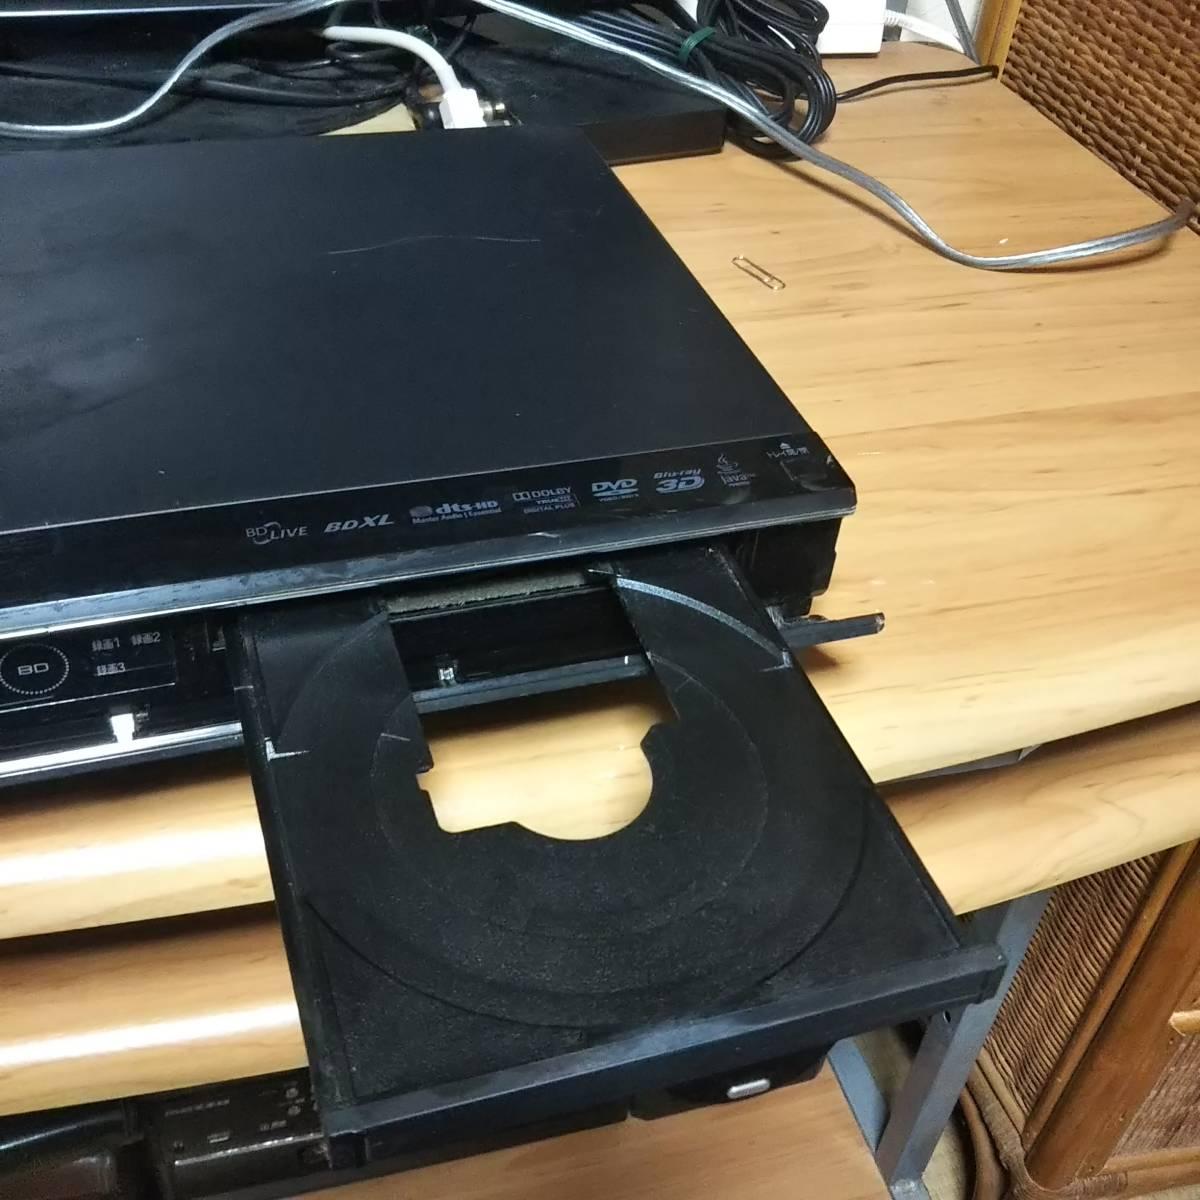 SHARP♪シャープ♪AQUOS/アクオス/BD-T510/ブルーレイレコーダー/3チューナー/500GB/HDD/再生/OK/おまけ/リモコン/ケーブル他/ジャンク_画像8